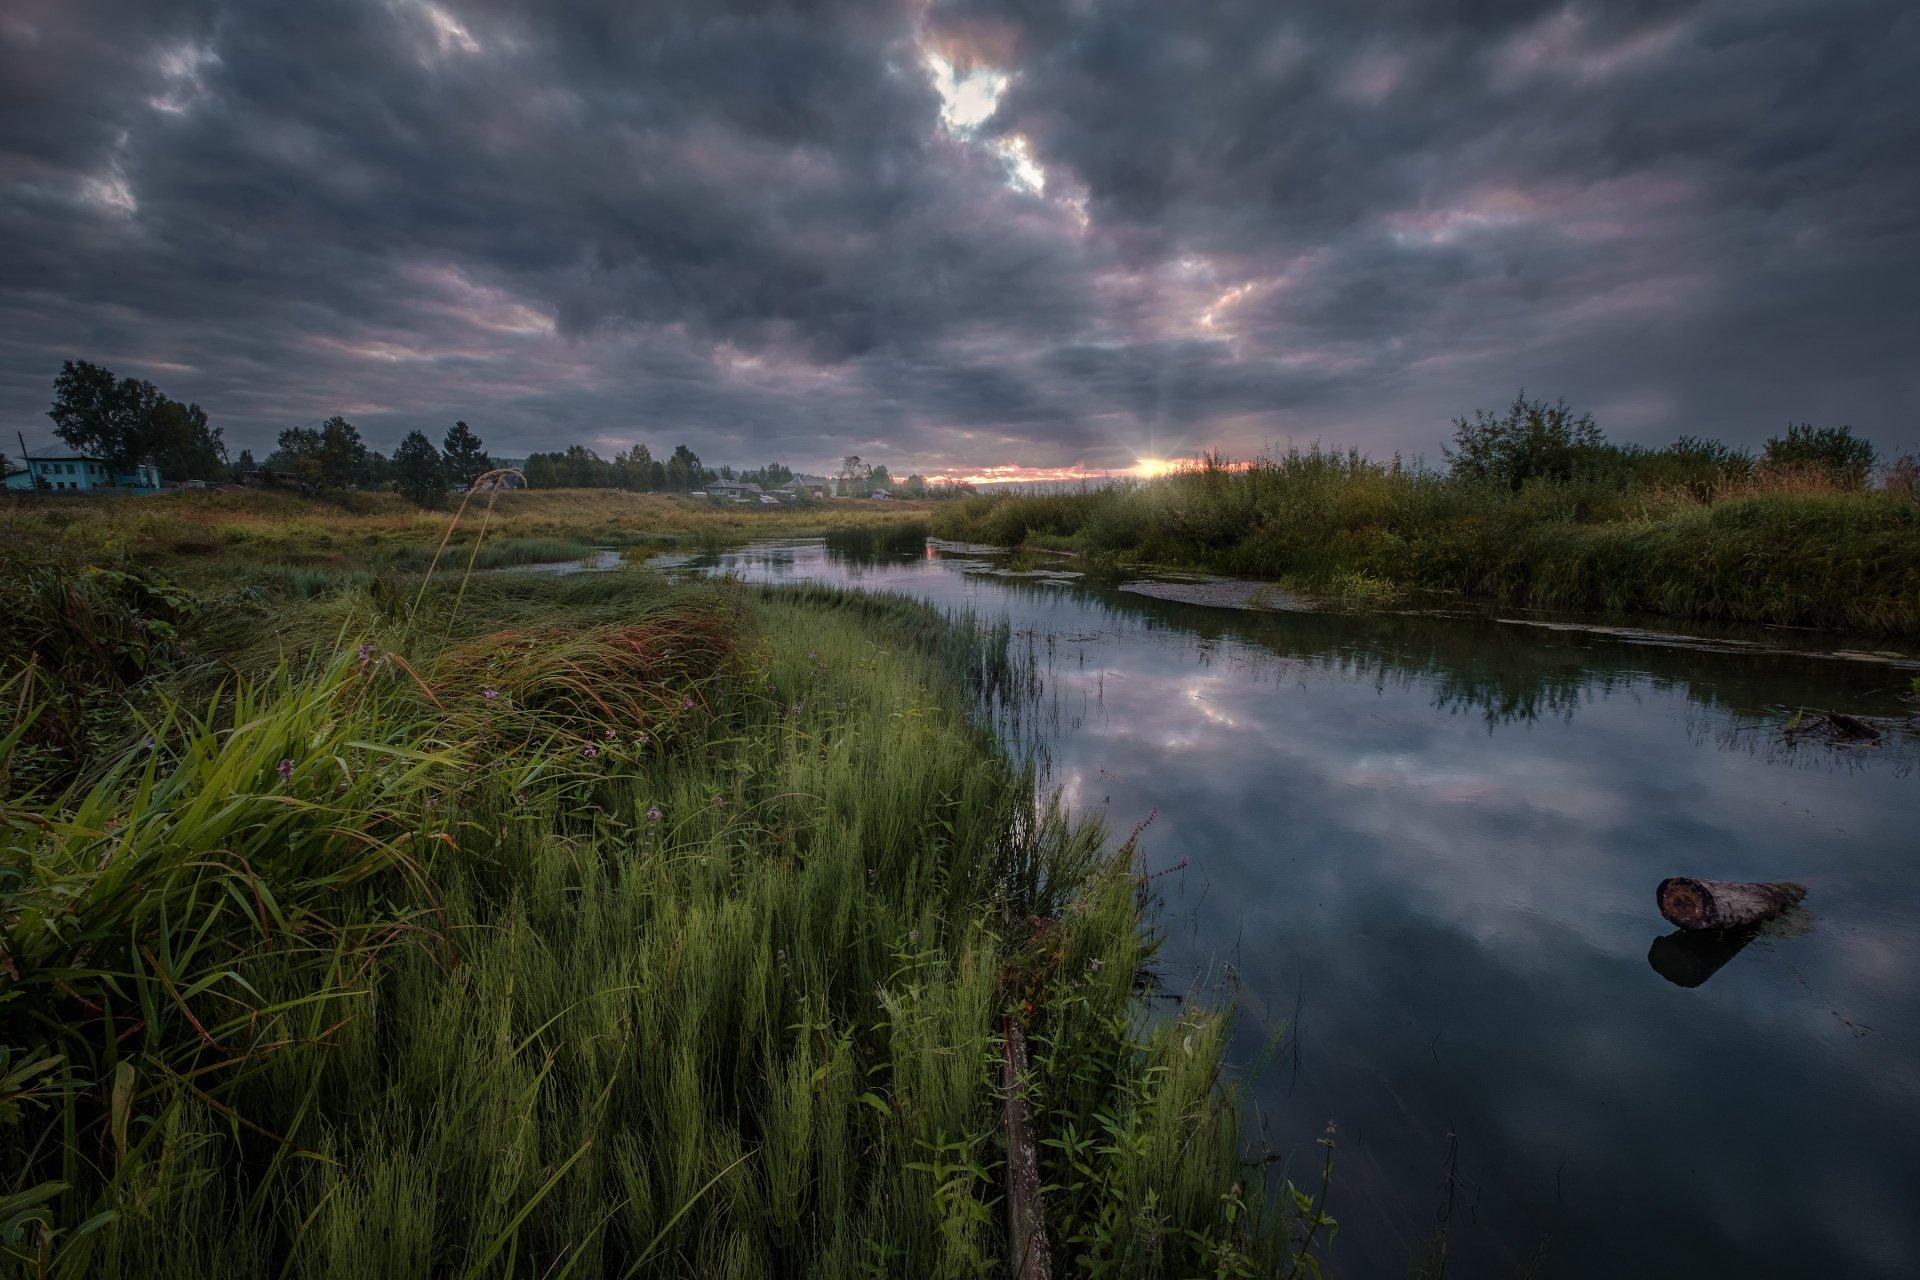 перемское, село, урал, пермский край, пермь, пейзаж, пожва, речка, утро, рассвет, облачно, пасмурно, Андрей Чиж